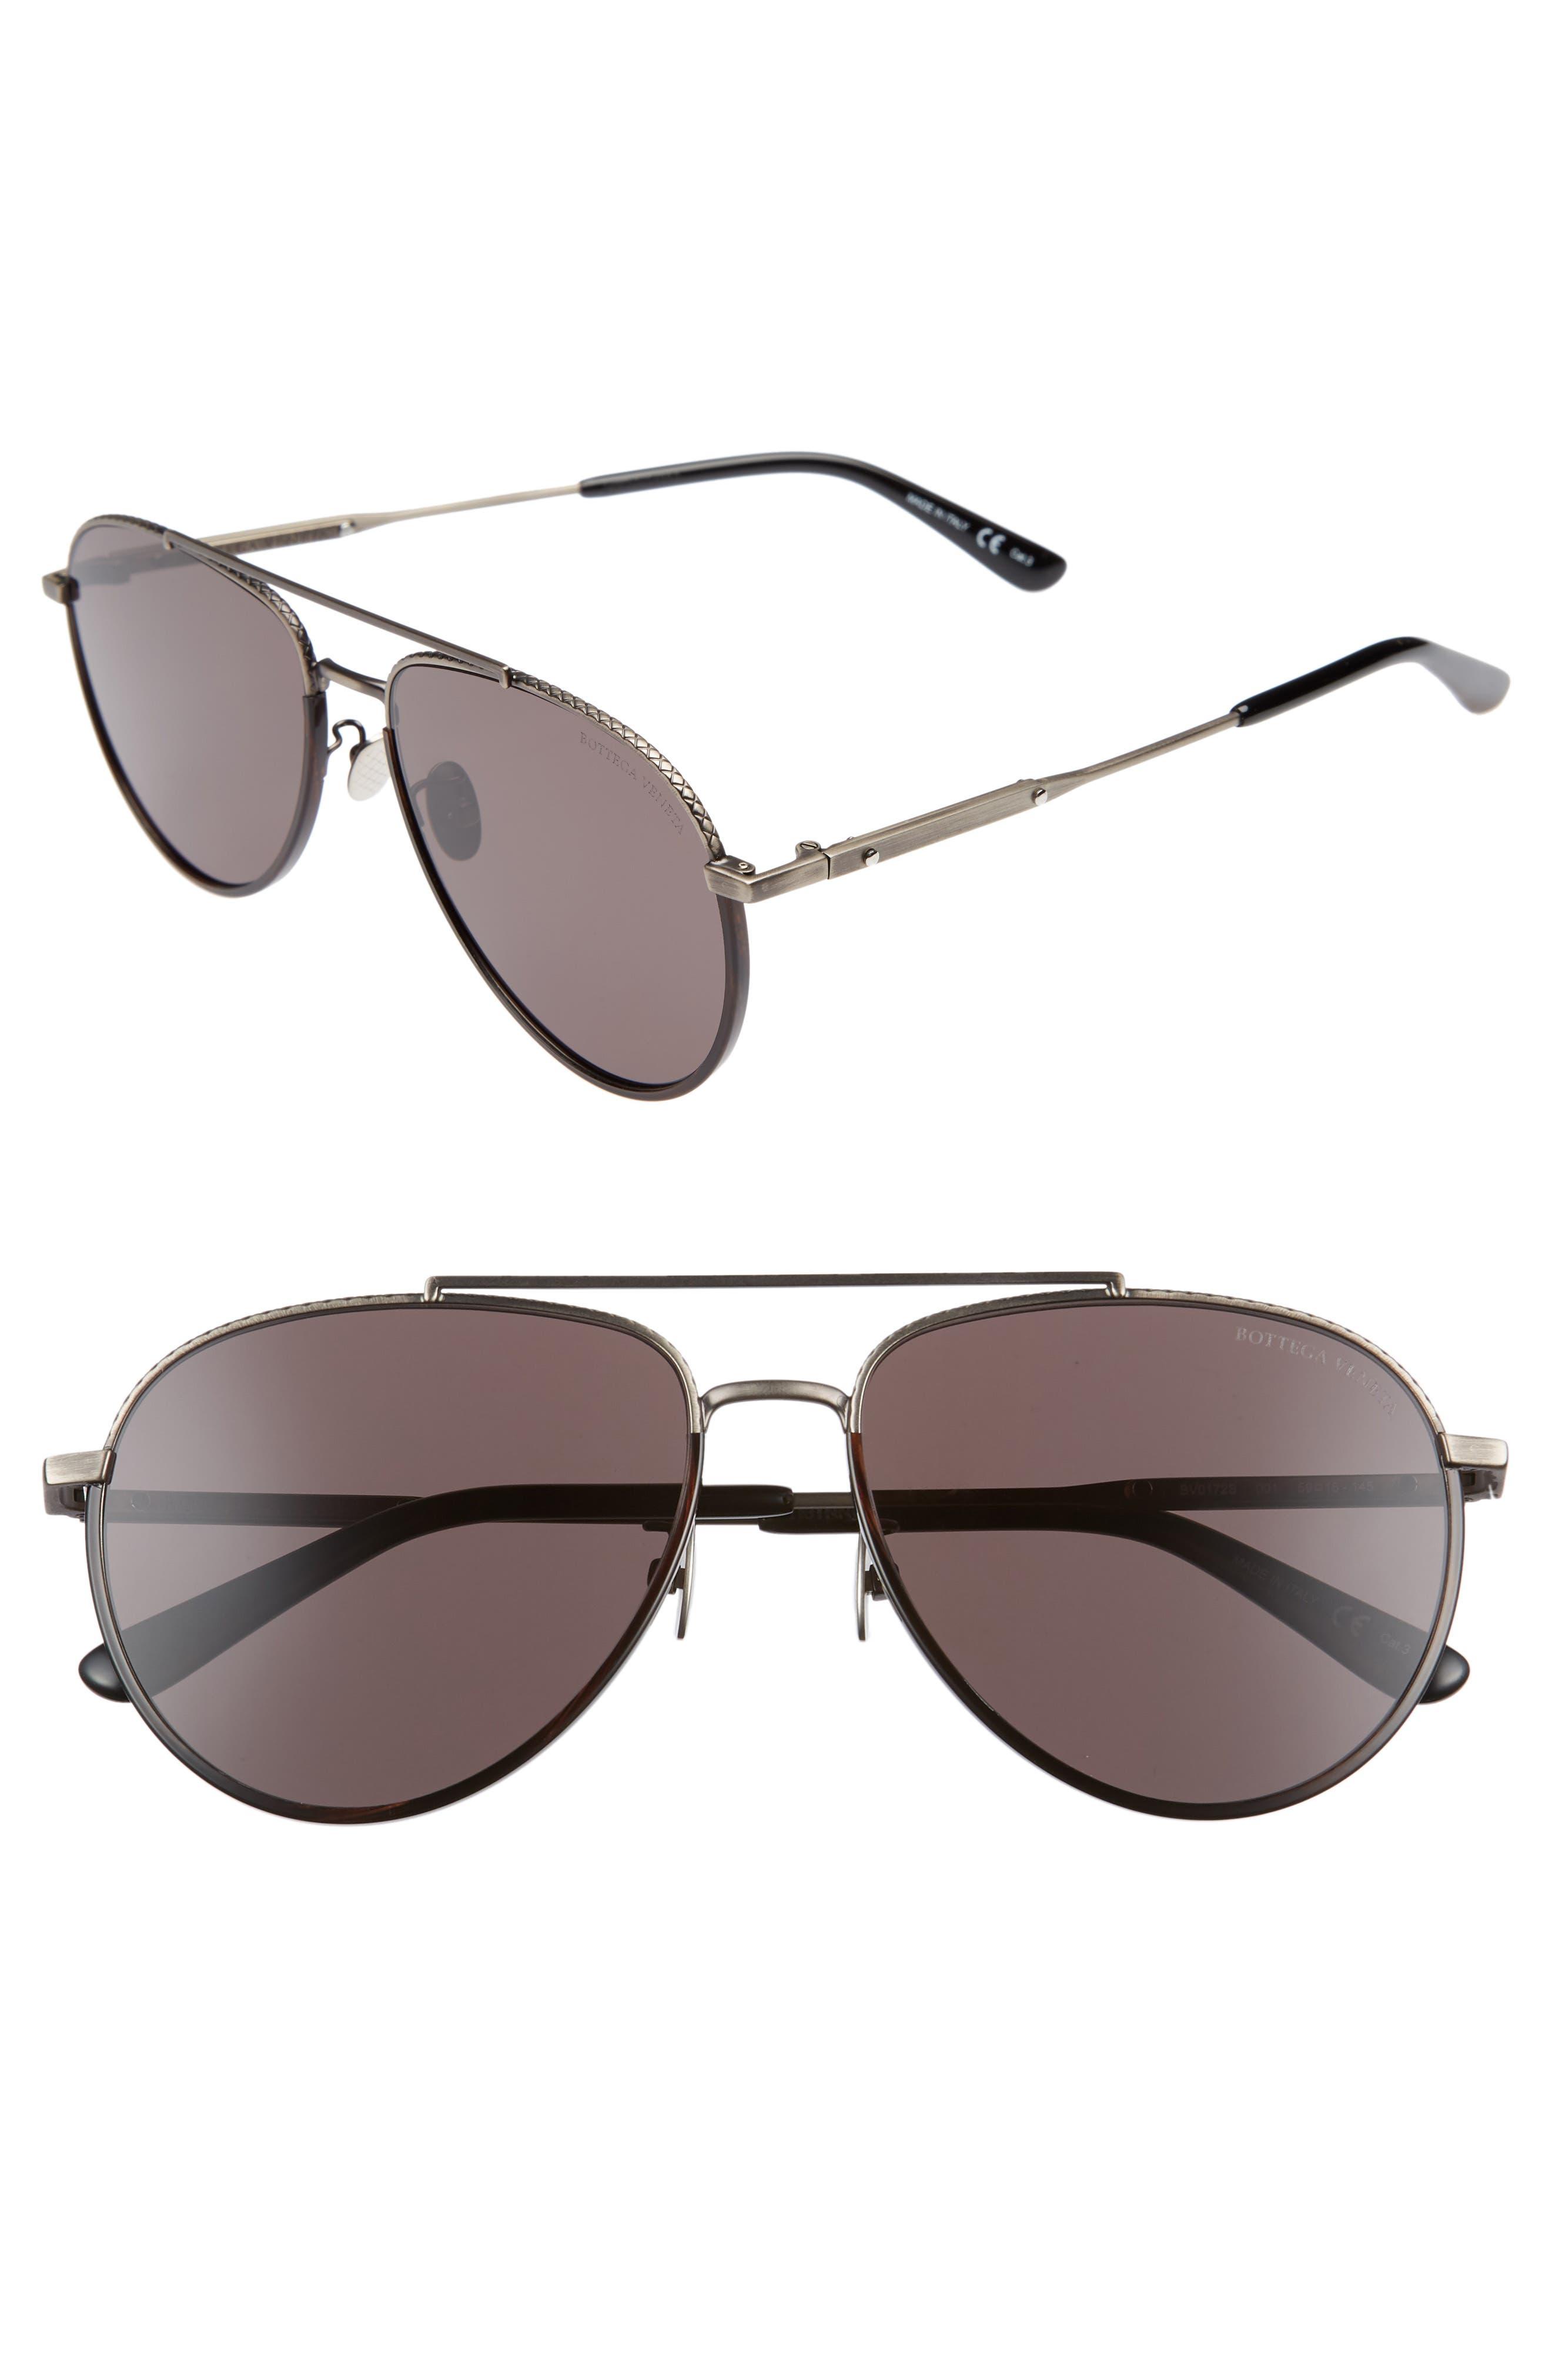 Bottega Veneta 59mm Aviator Sunglasses